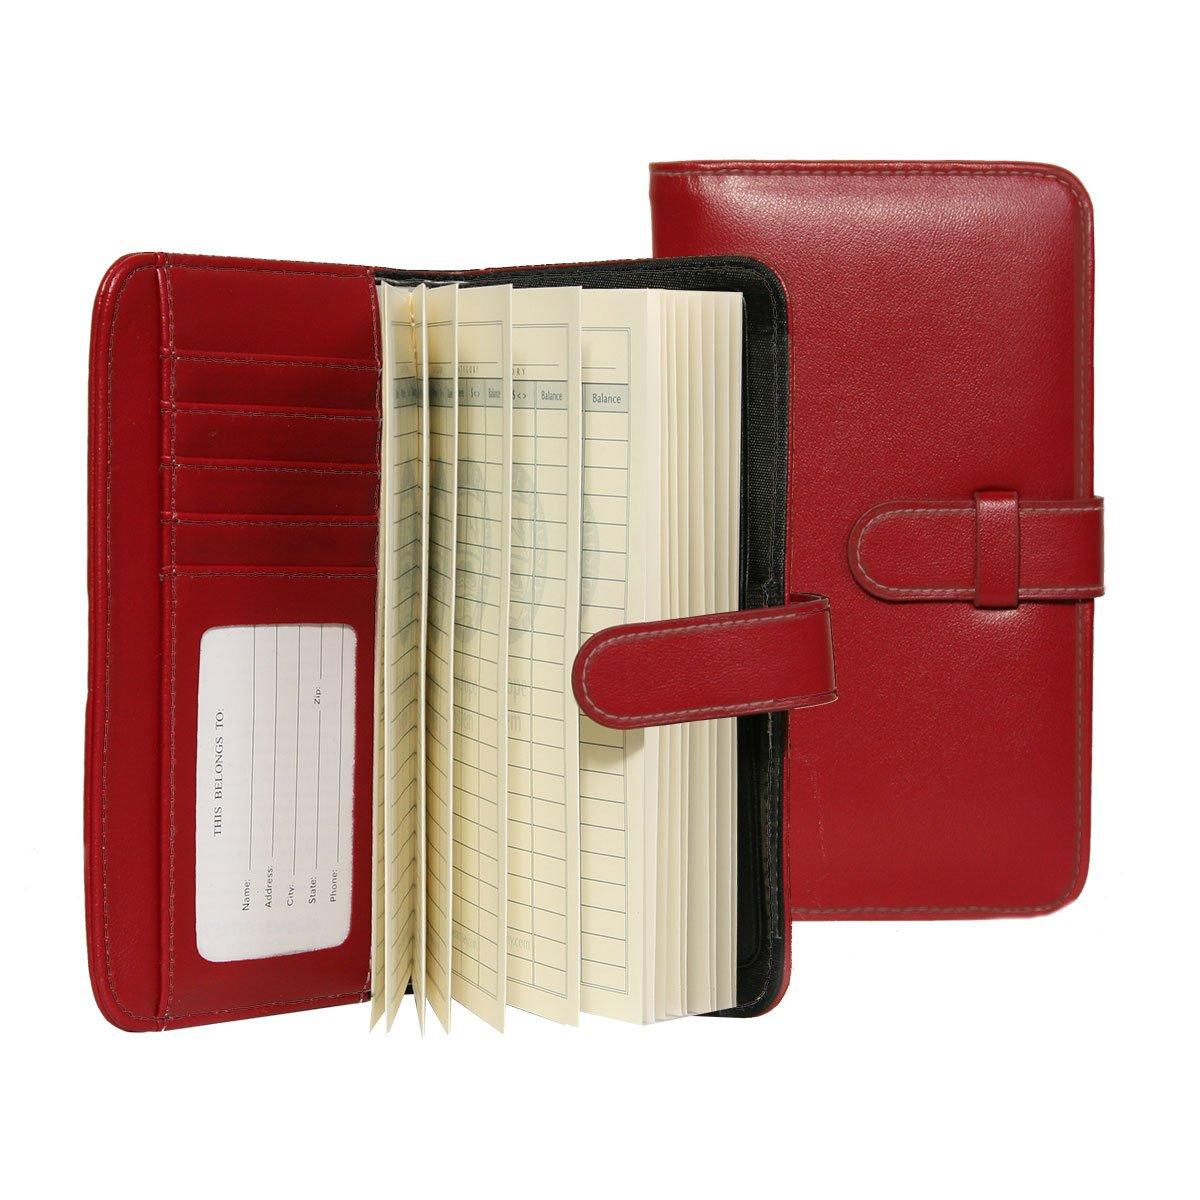 Designer Envelope System Finanical University